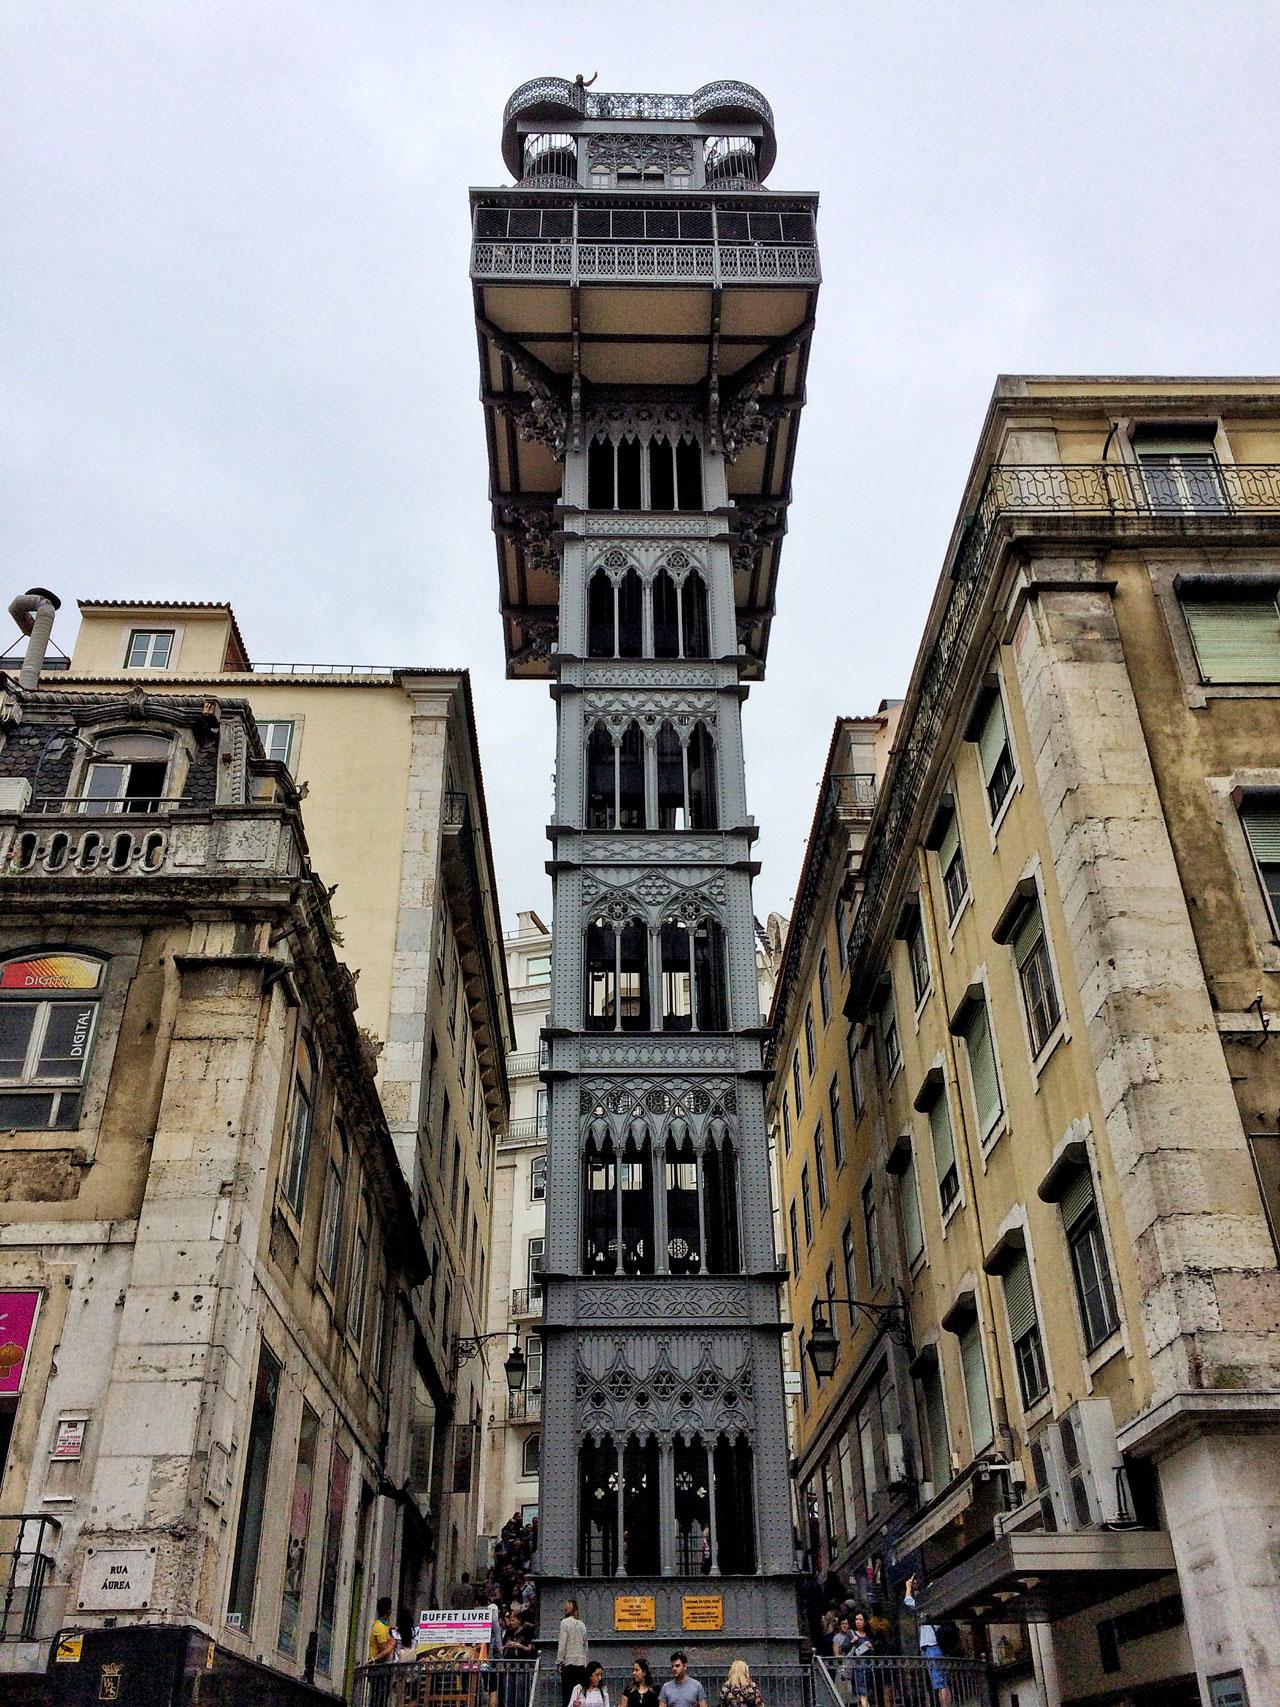 Der bekannte Aufzug in Lissabon